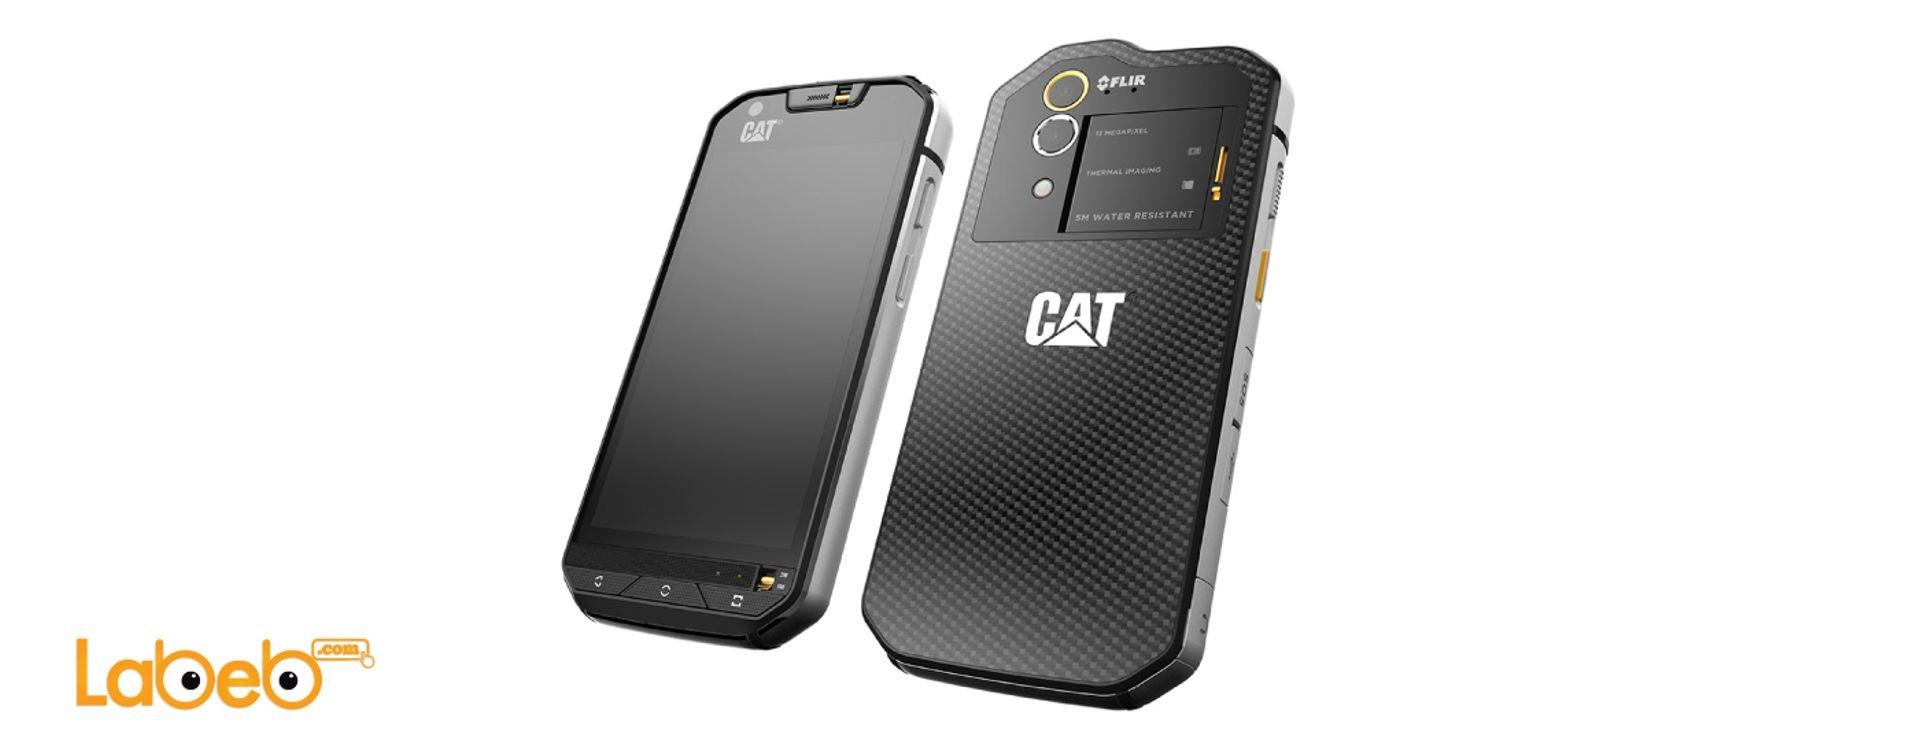 هاتف كات إس 60 أول هاتف ذكي في العالم مزوّد بكاميرا حرارية